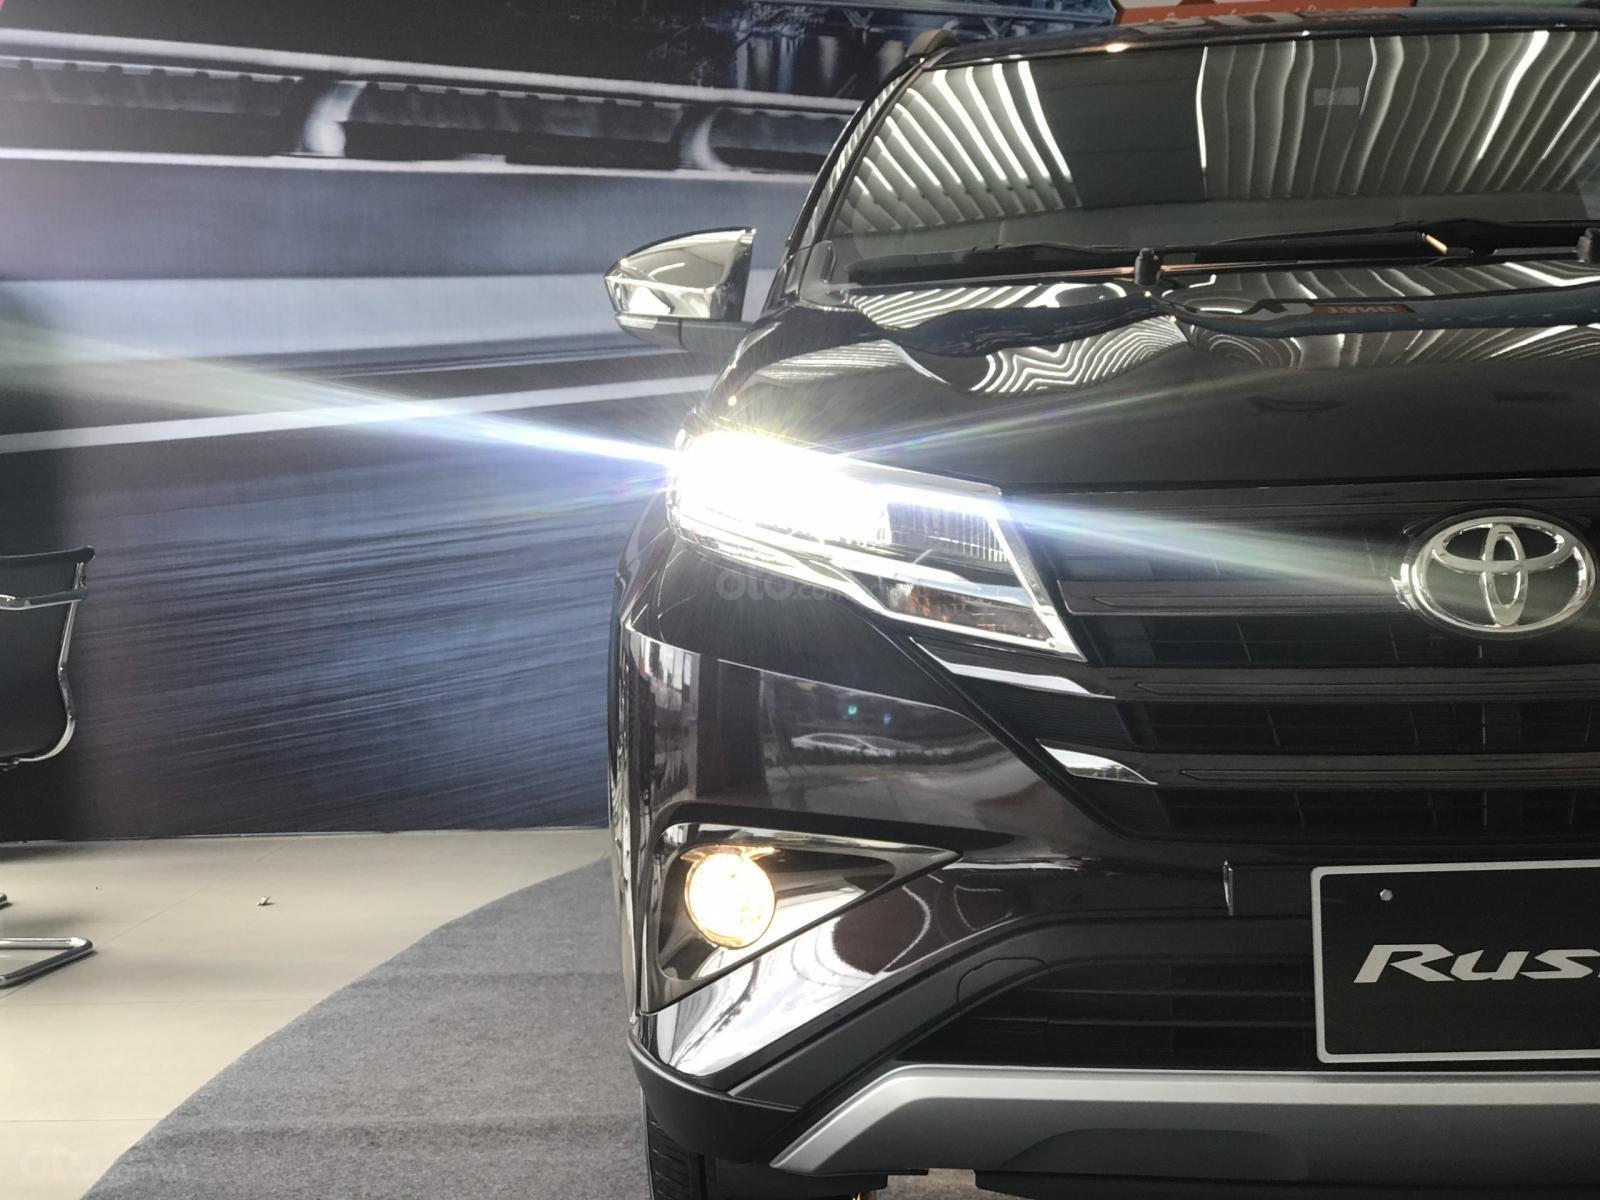 Toyota Rush nhập khẩu nguyên chiếc, khuyến mãi khủng tháng 9/2020, xe đủ màu giao ngay (3)